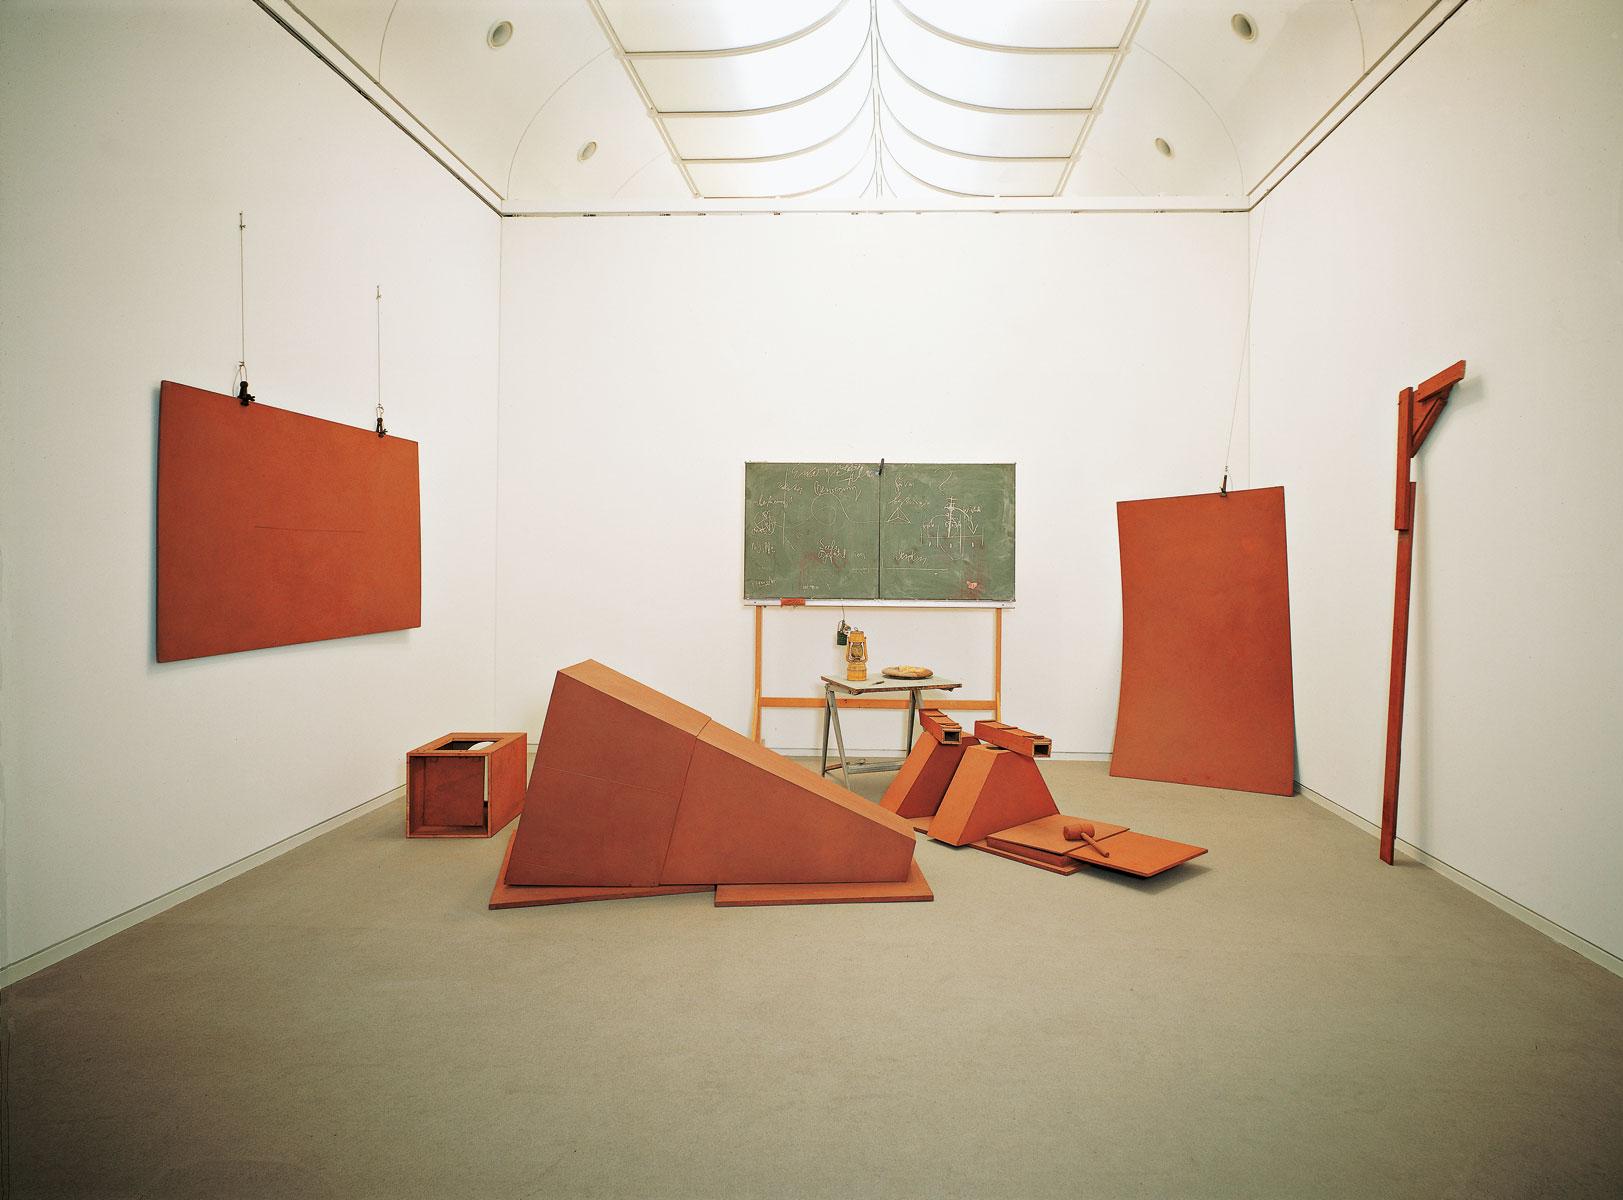 Joseph Beuys, vor dem Aufbruch aus Lager I, 1970/80, Städtische Galerie im Lenbachhaus und Kunstbau, München